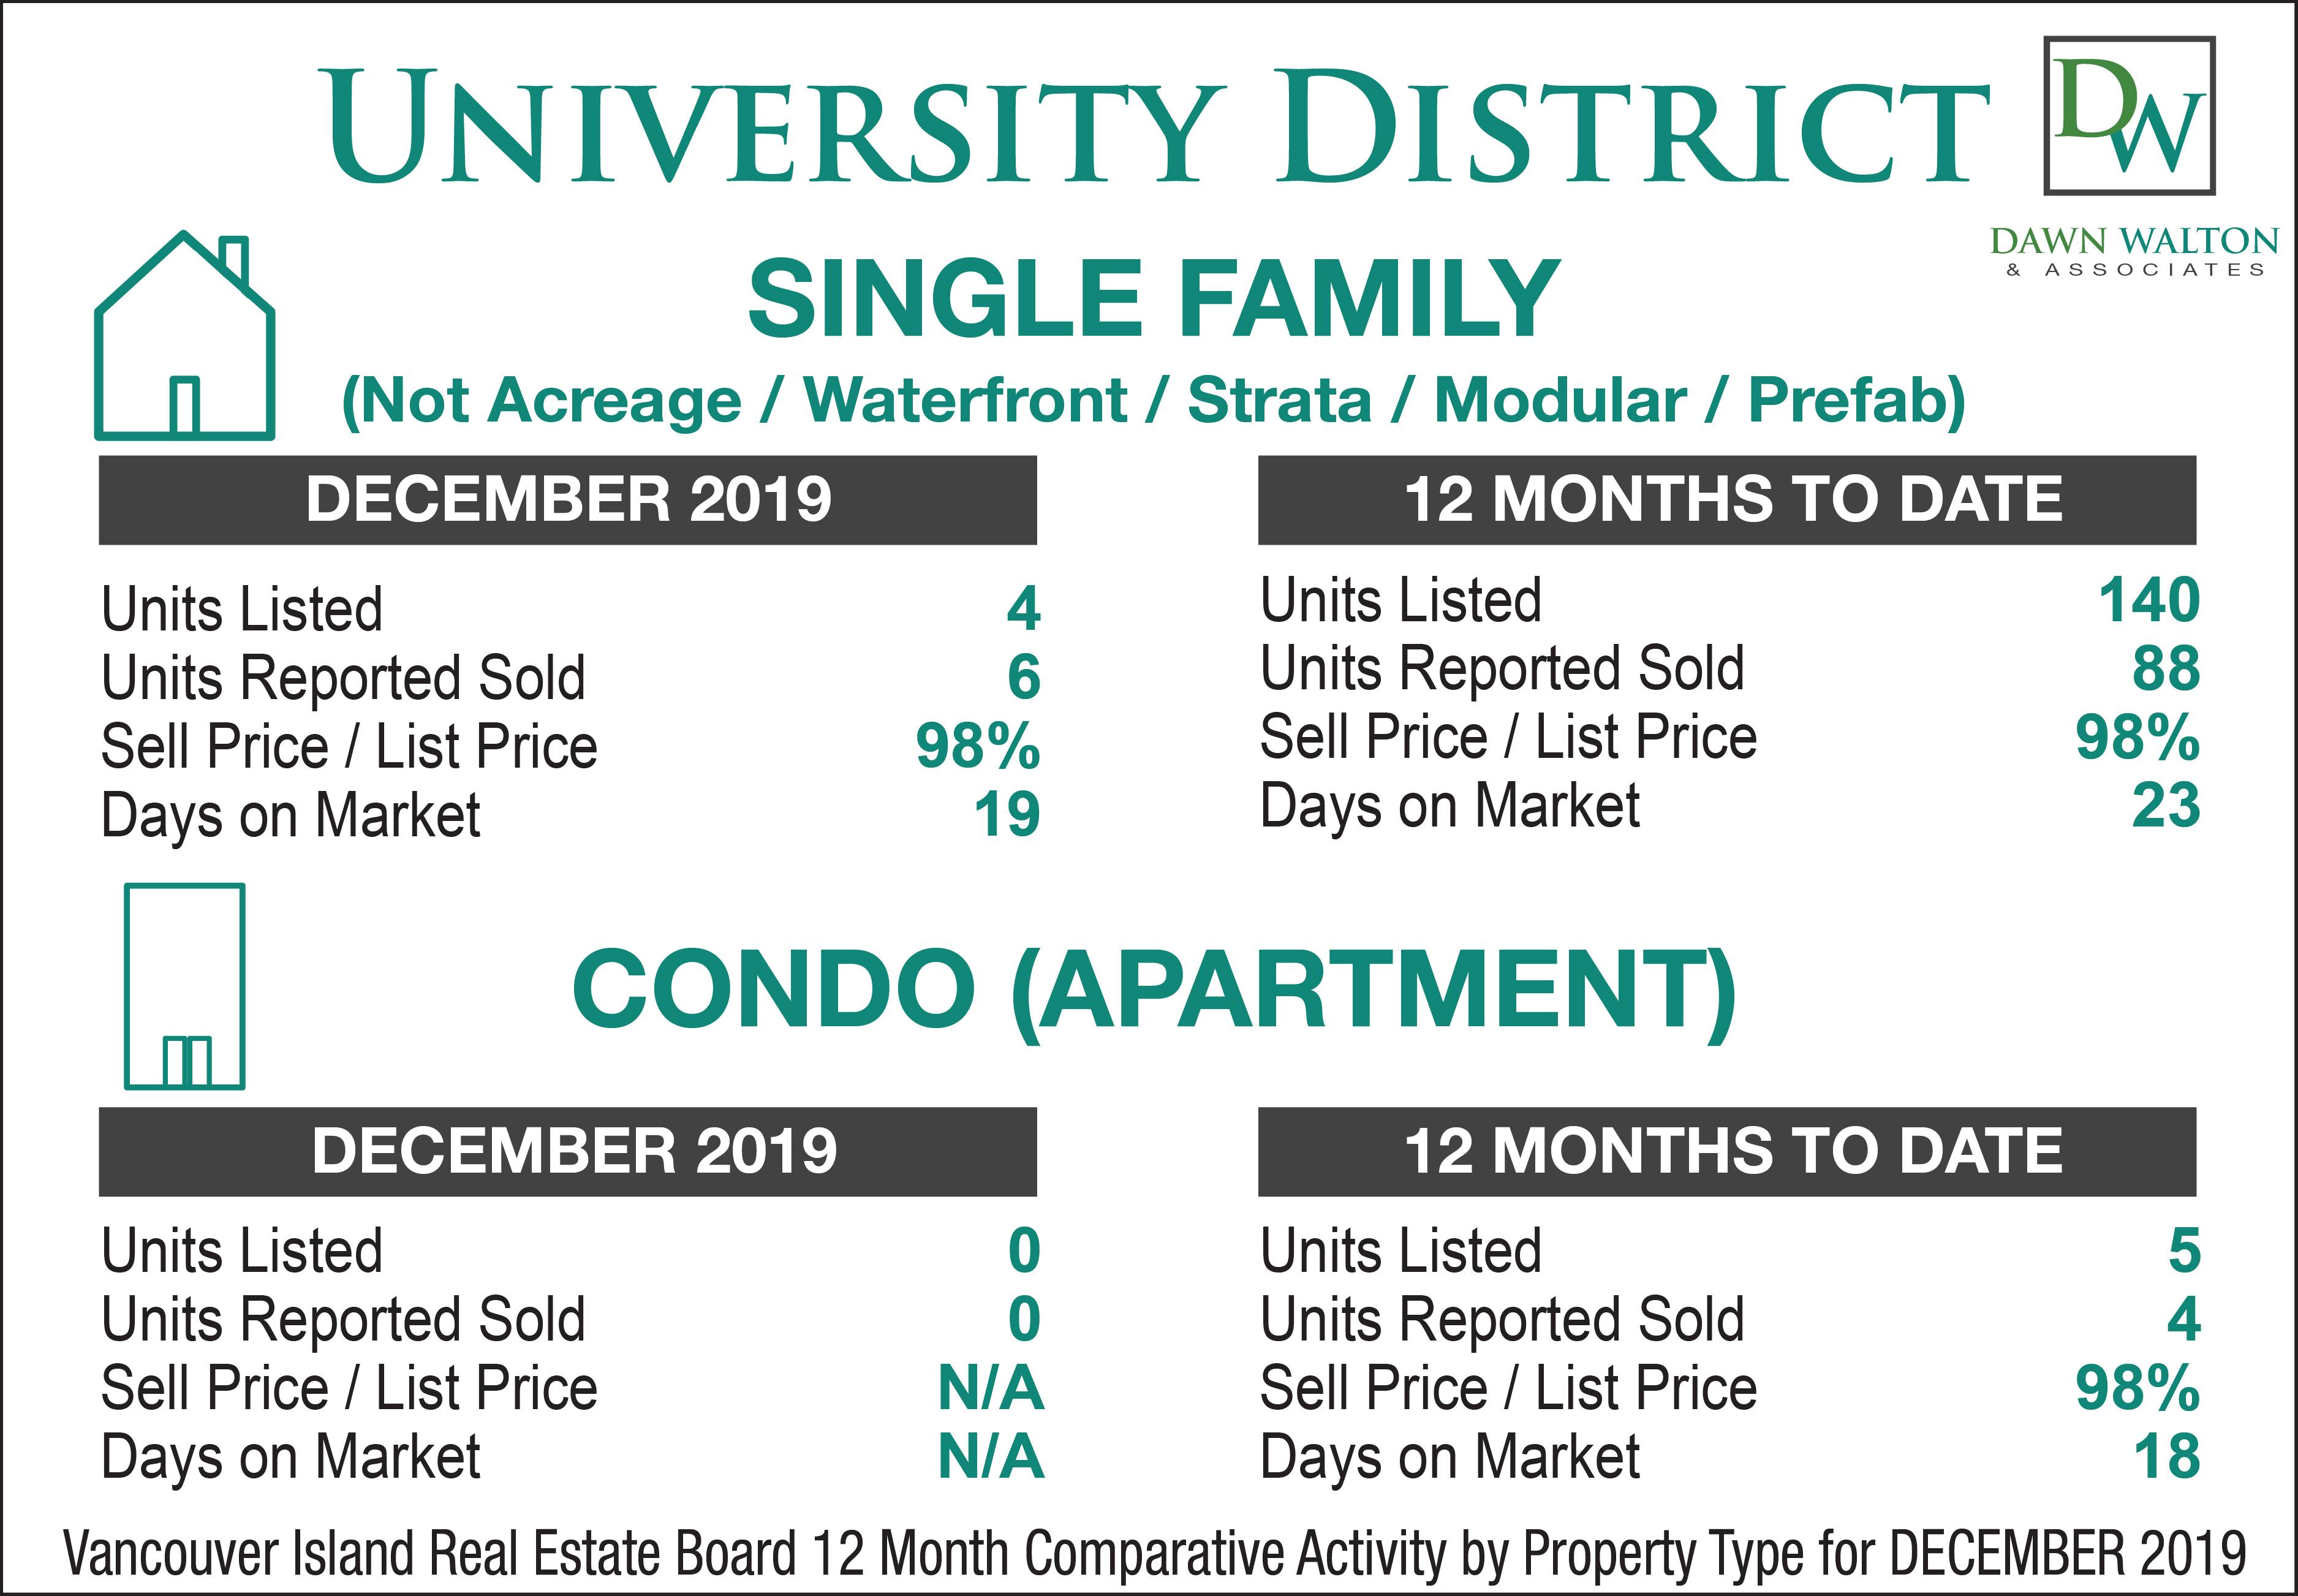 University District Real Estate Market Stats December  2019 - Nanaimo Realtor Dawn Walton